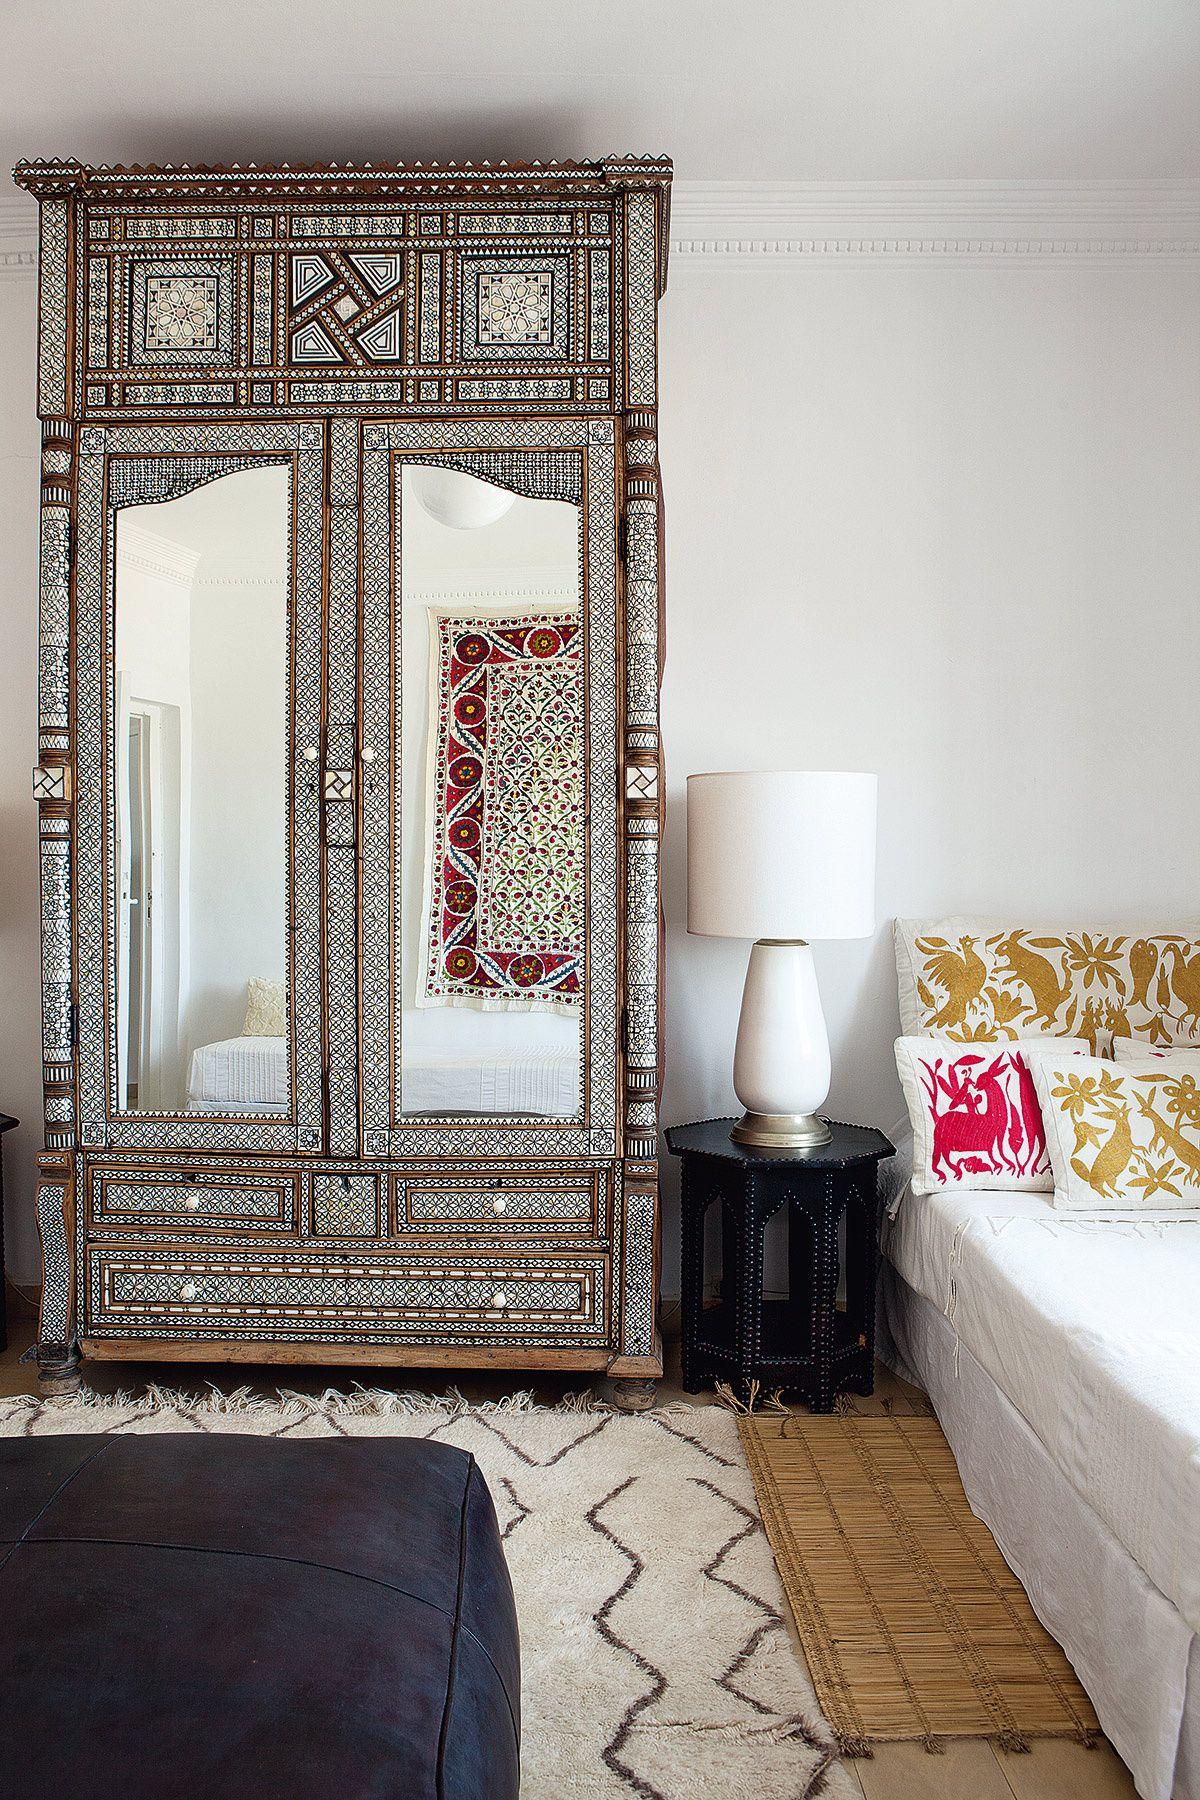 Dise adores de interiores famoso dormitorios casa dise o for Disenadores de interiores famosos